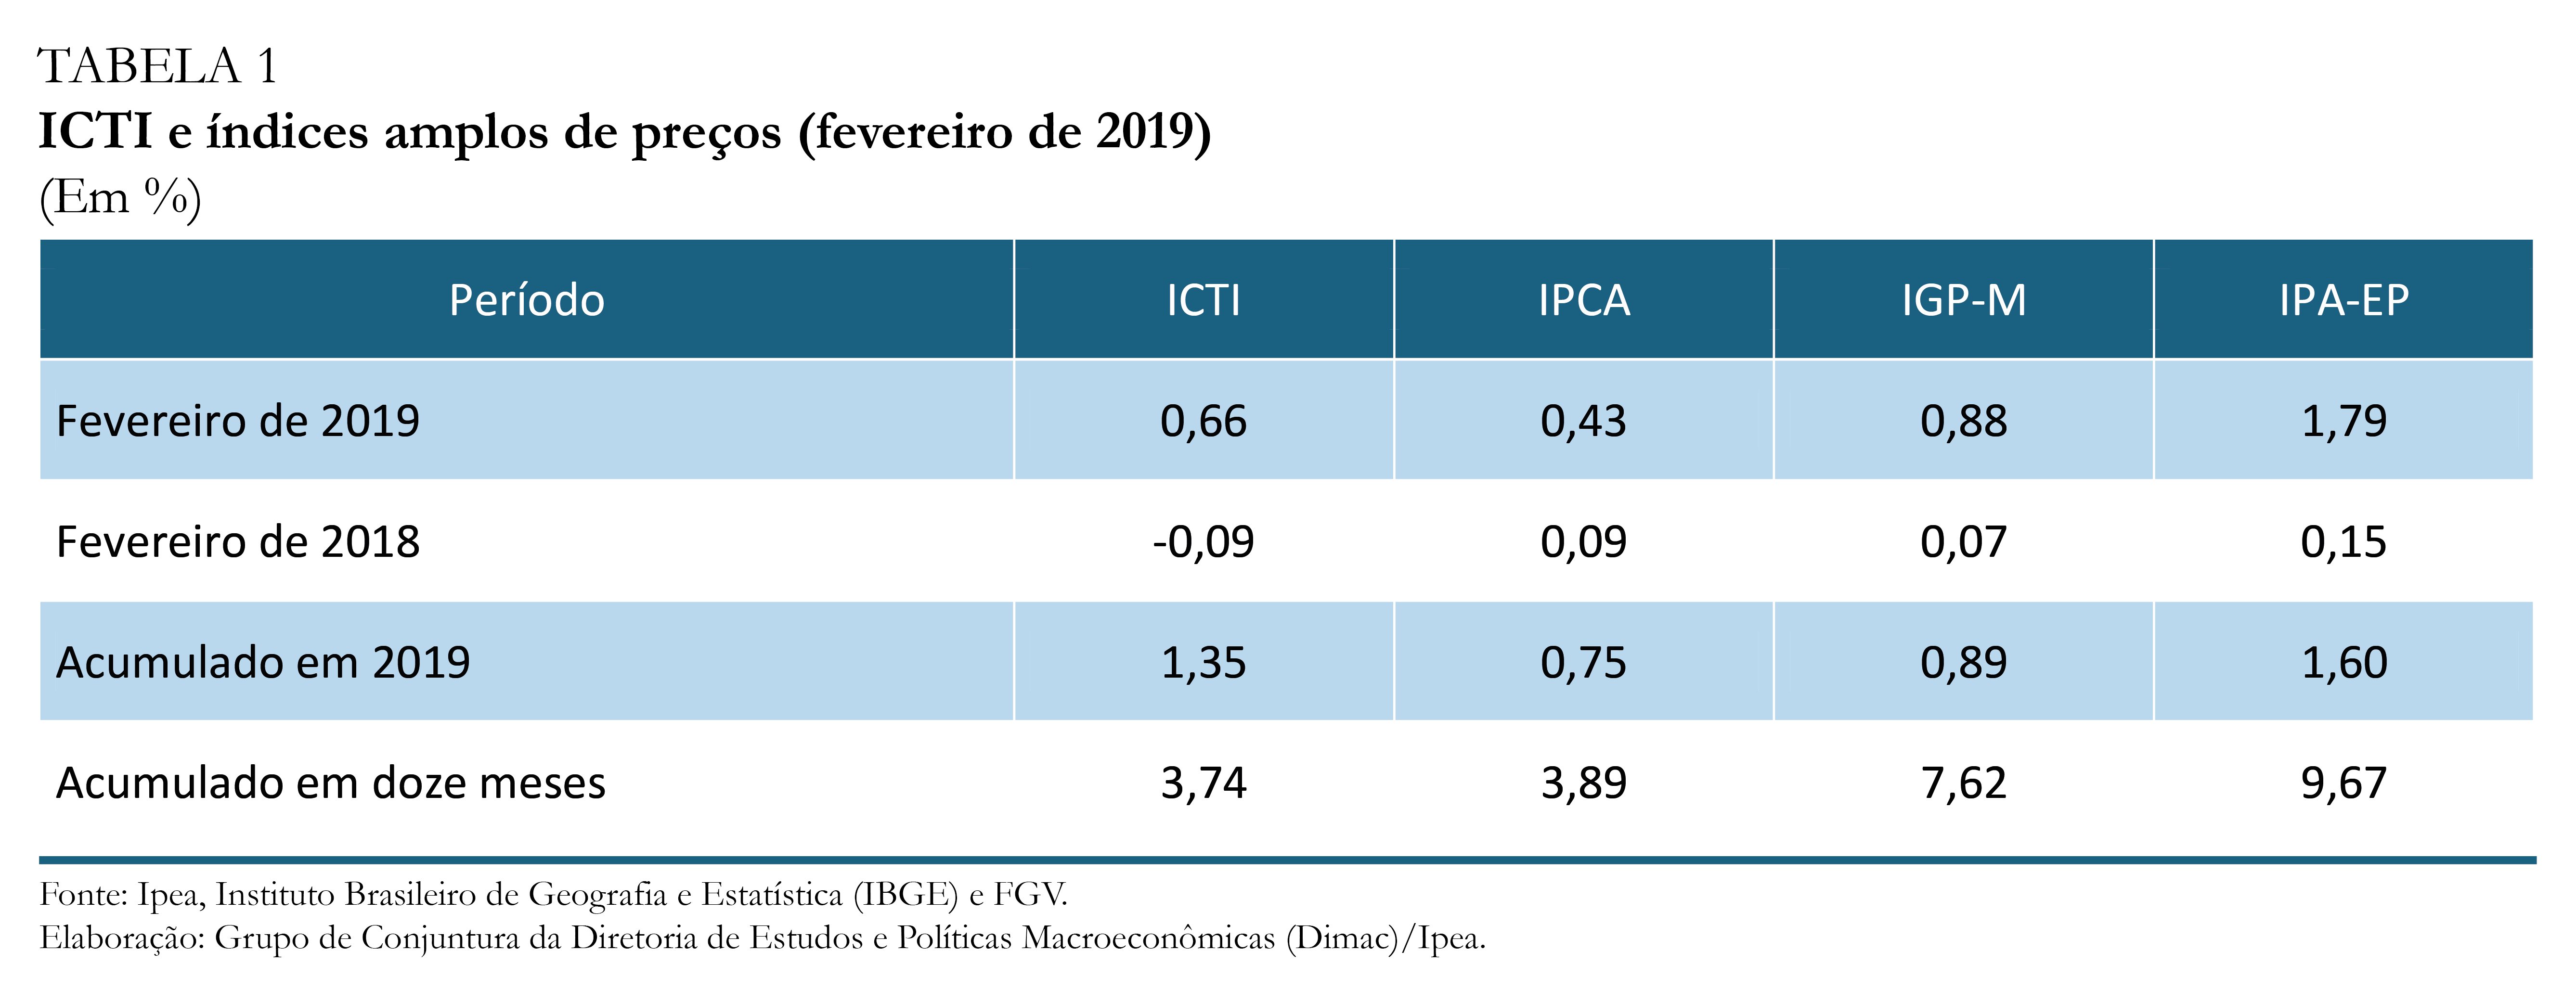 ICTI fevereiro-19_tabela 1